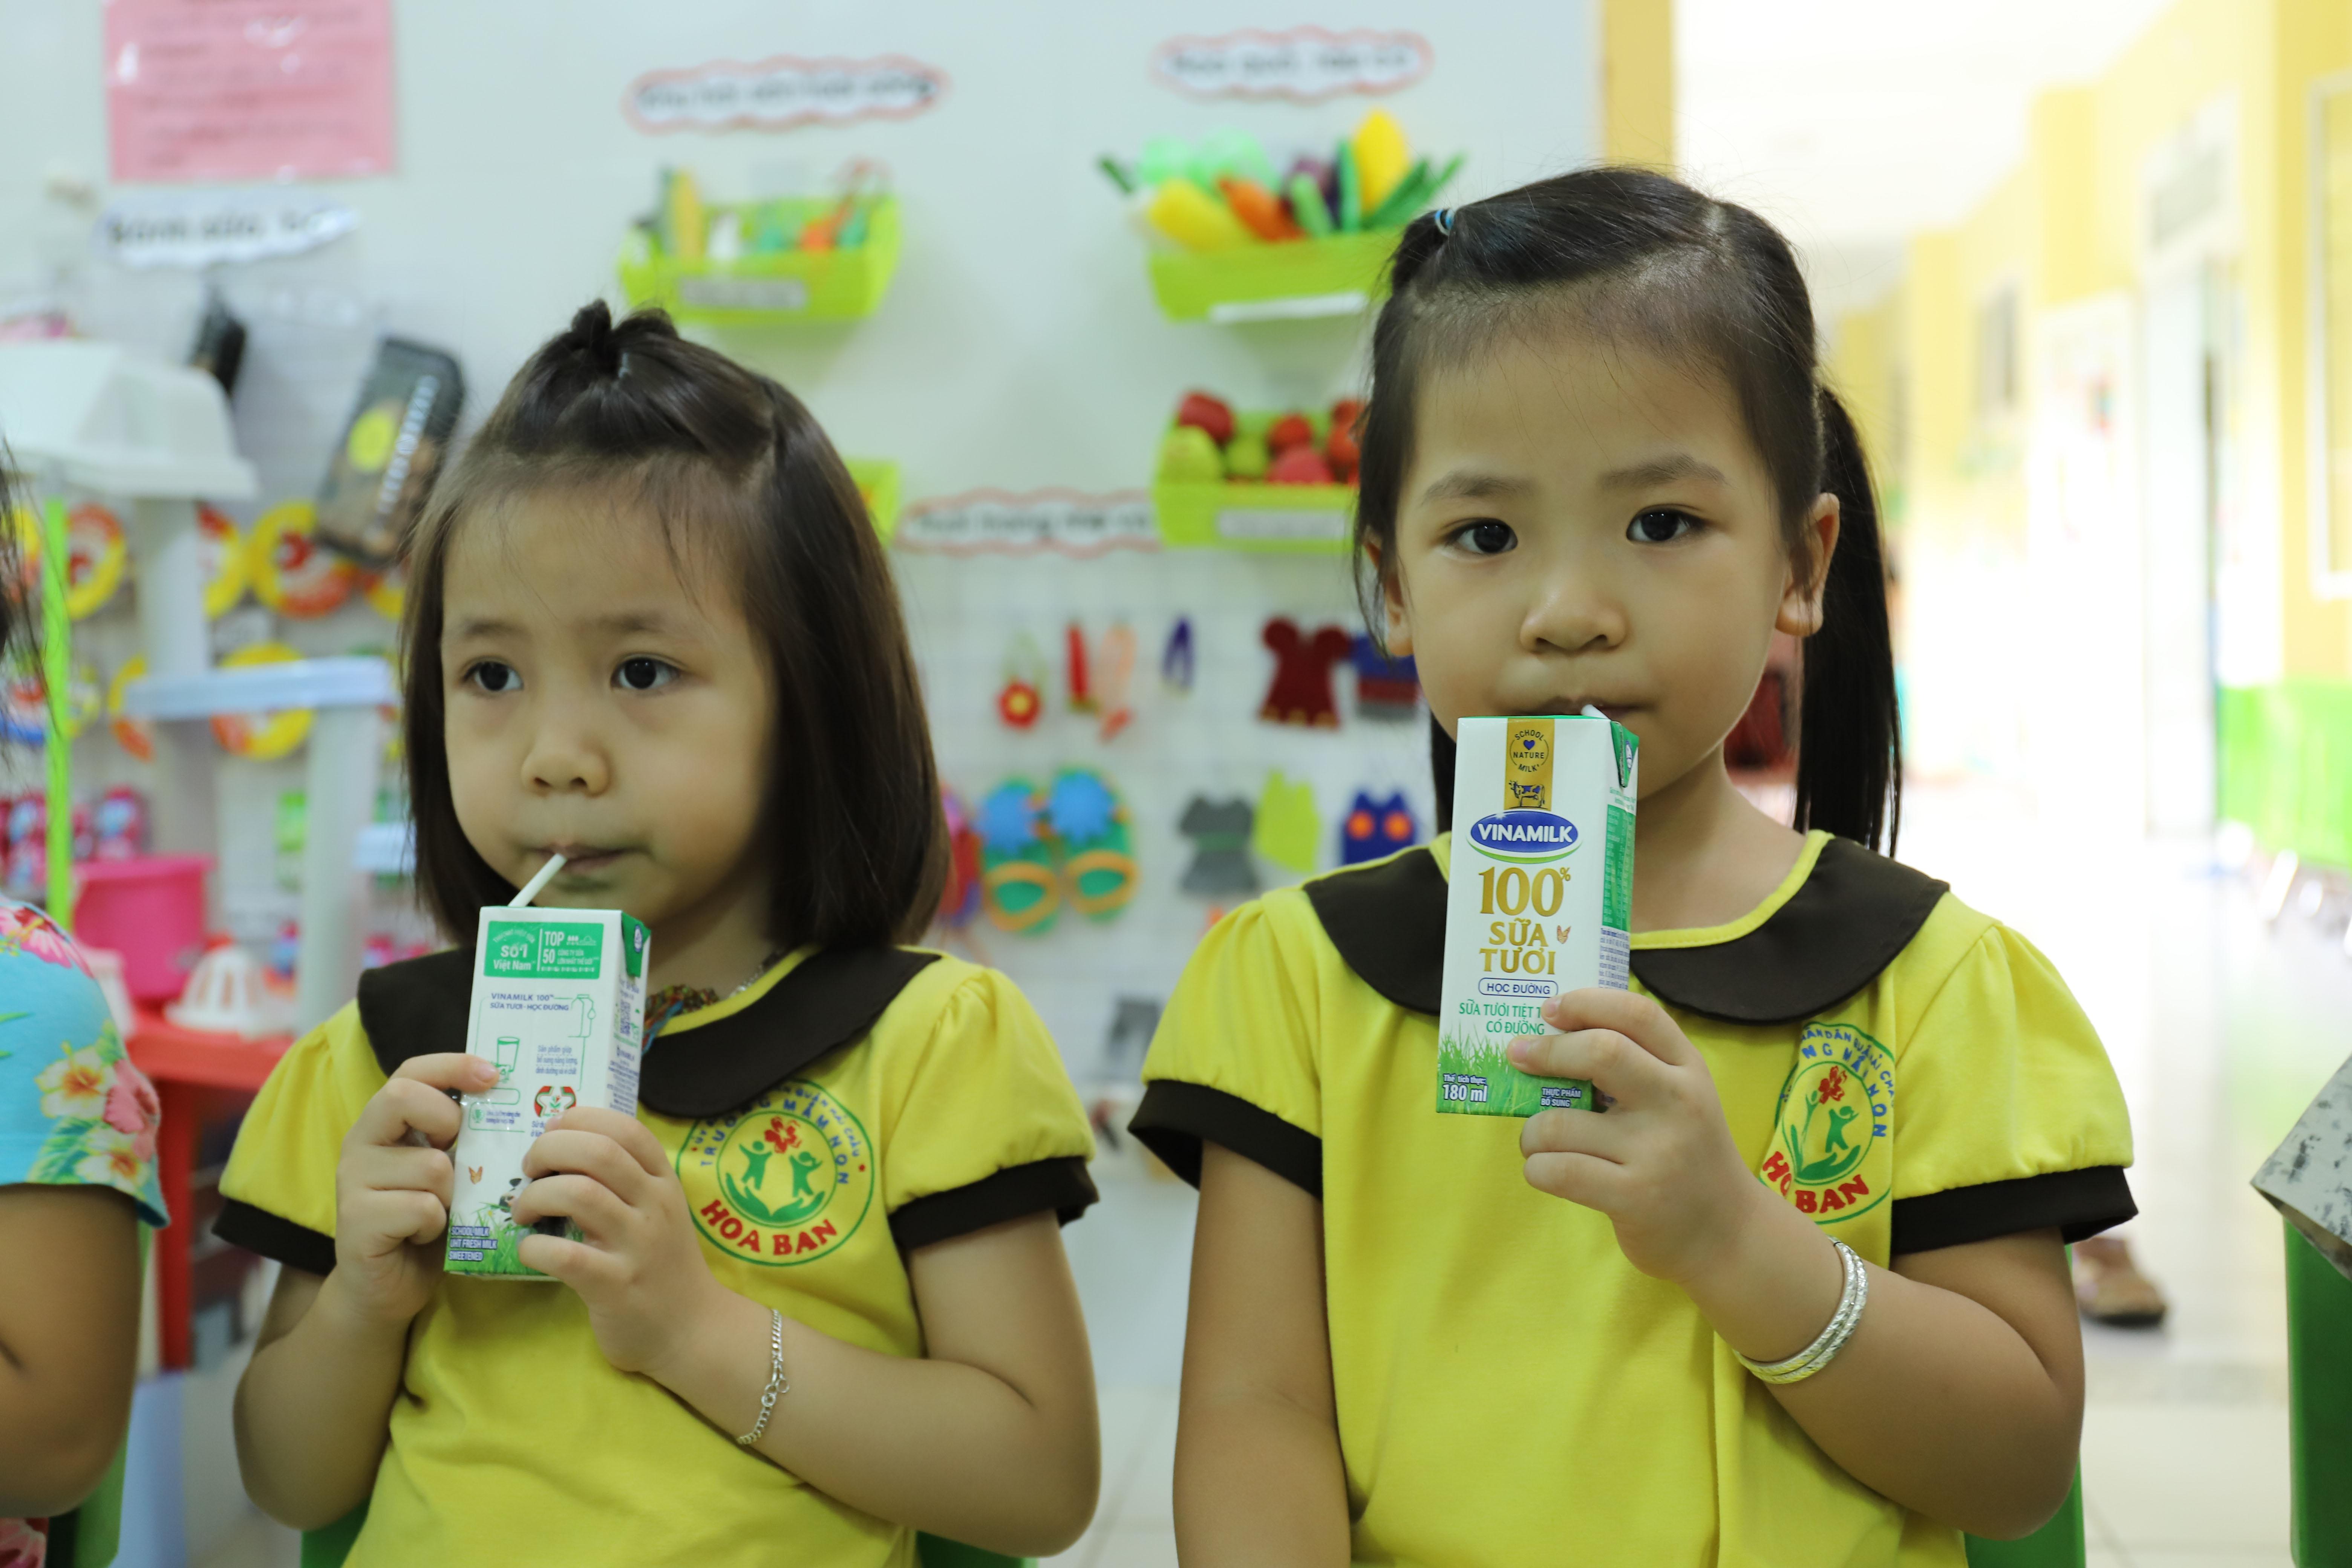 Học sinh mầm non tại TP. Đà Nẵng đã được uống sữa theo chương trình ngay trong ngày đầu tiên quay lại trường học sau giãn cách xã hội.